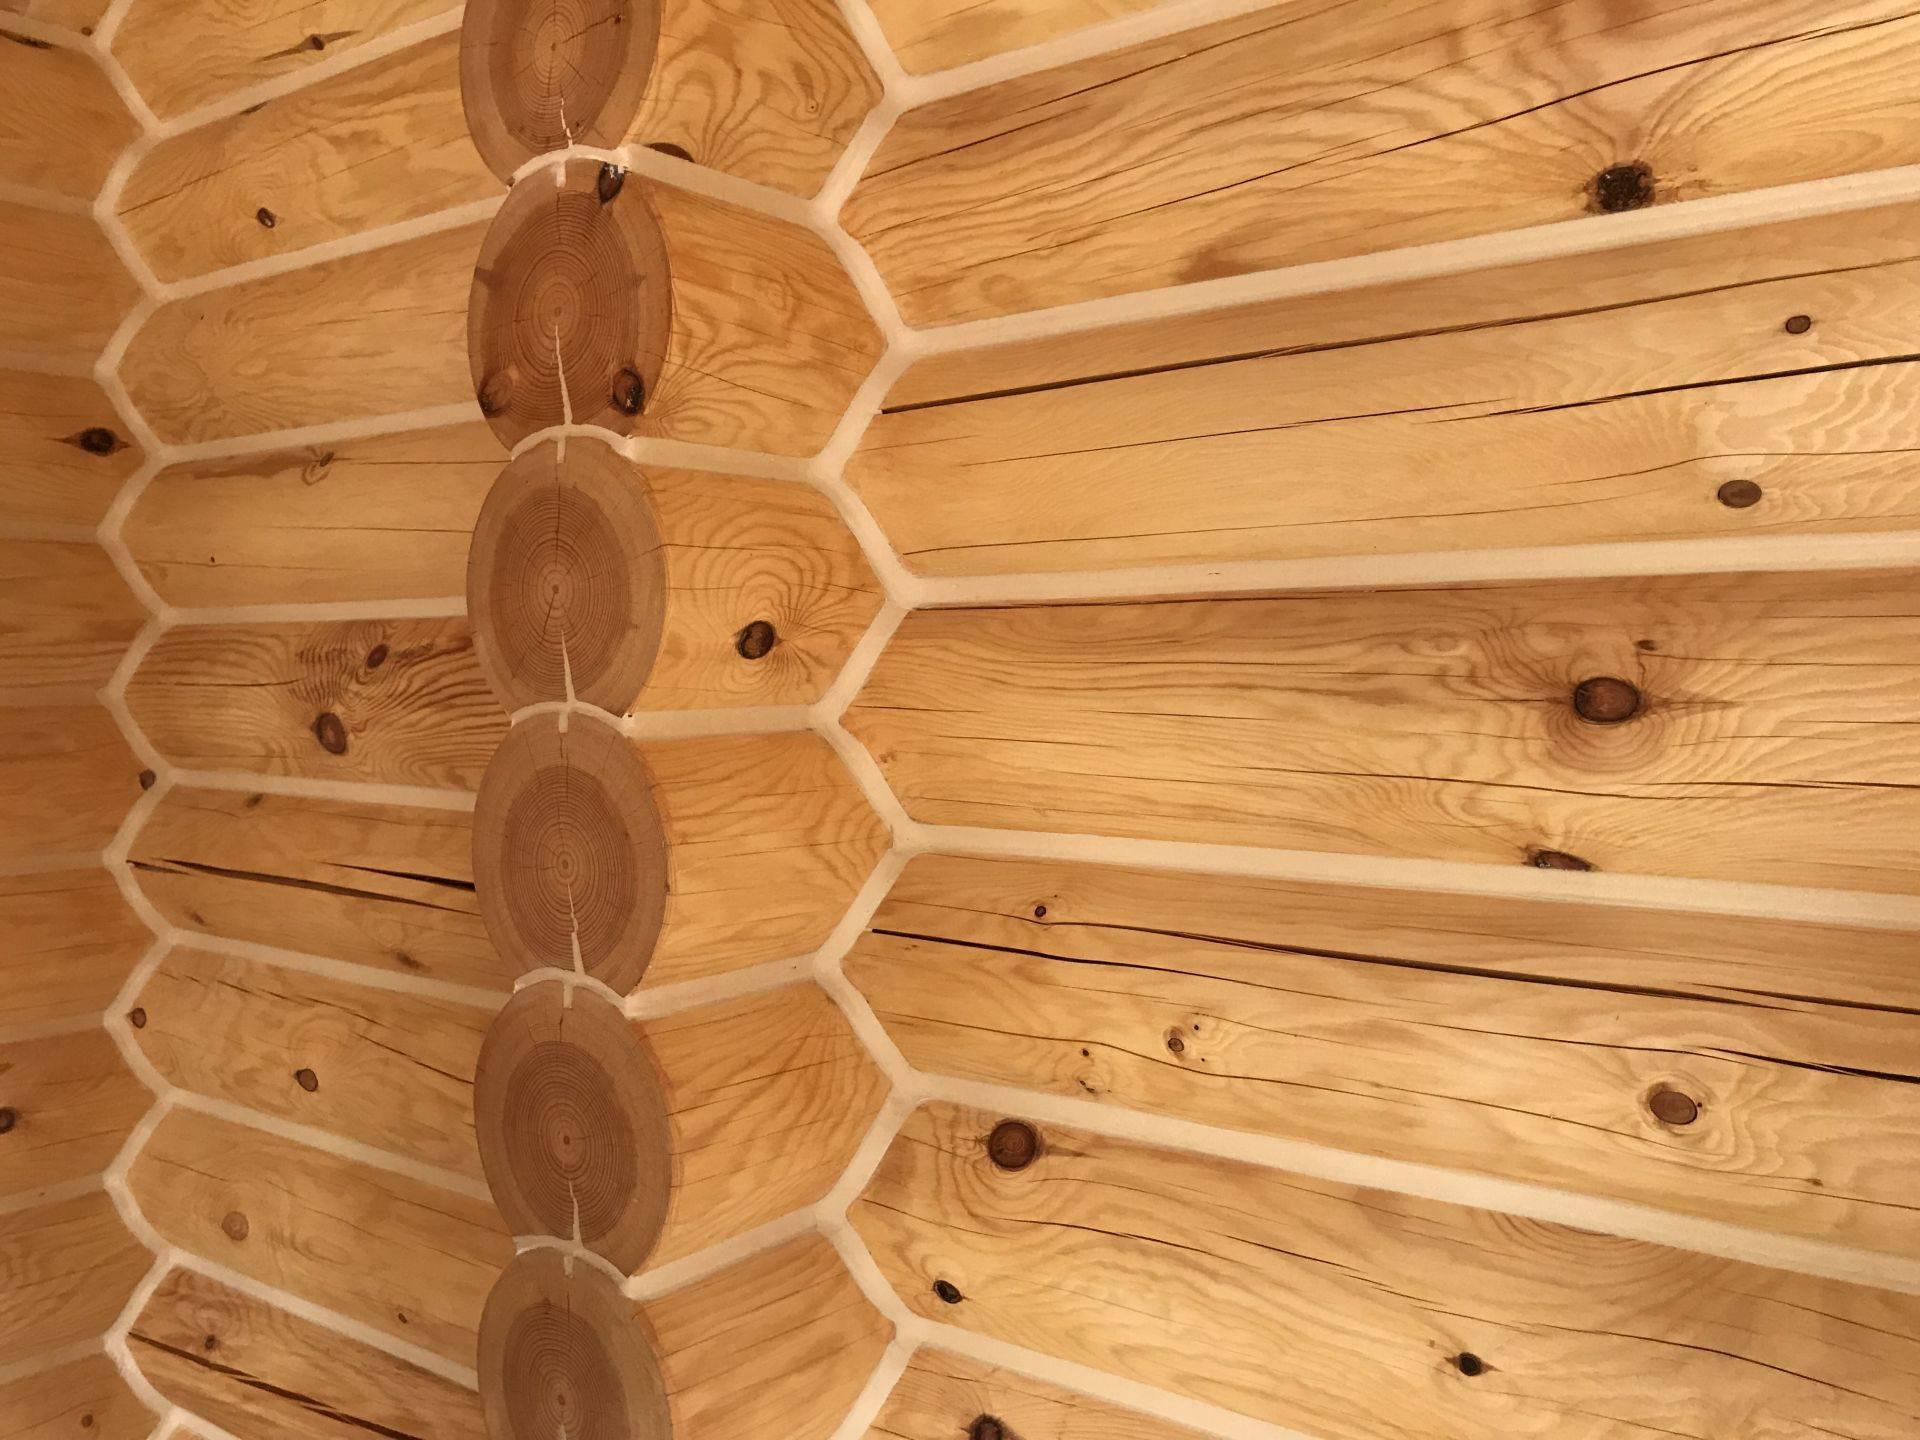 того как теплый шов для деревянного дома фото таких понятиях как